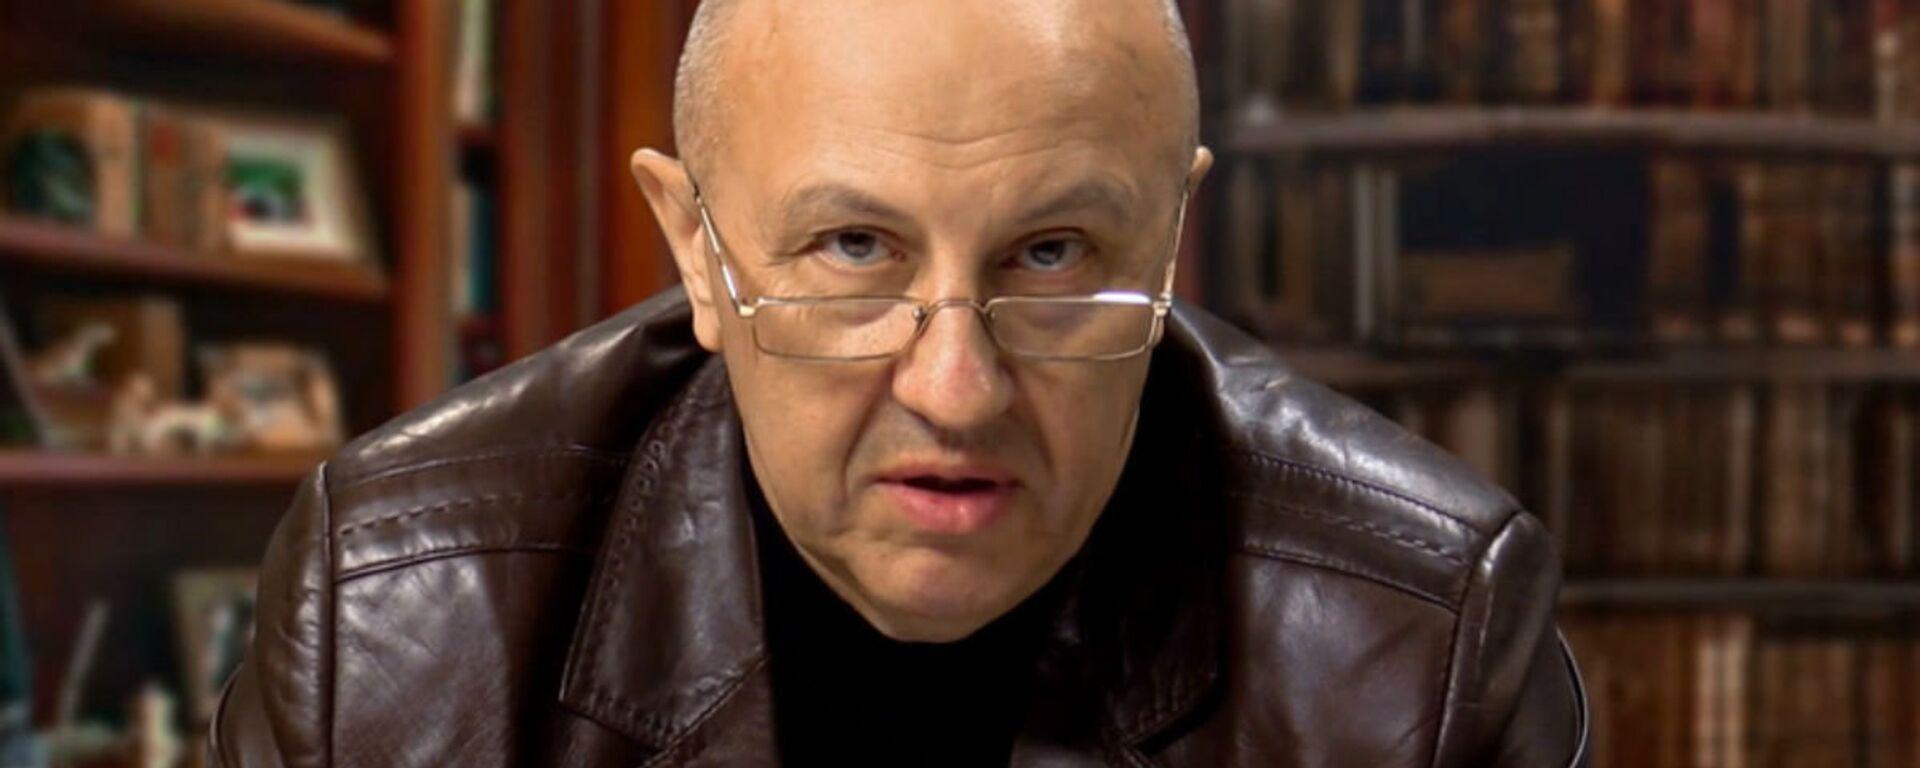 Генеральный директор Института системно-стратегического анализа РФ Андрей Фурсов - Sputnik Беларусь, 1920, 25.02.2021